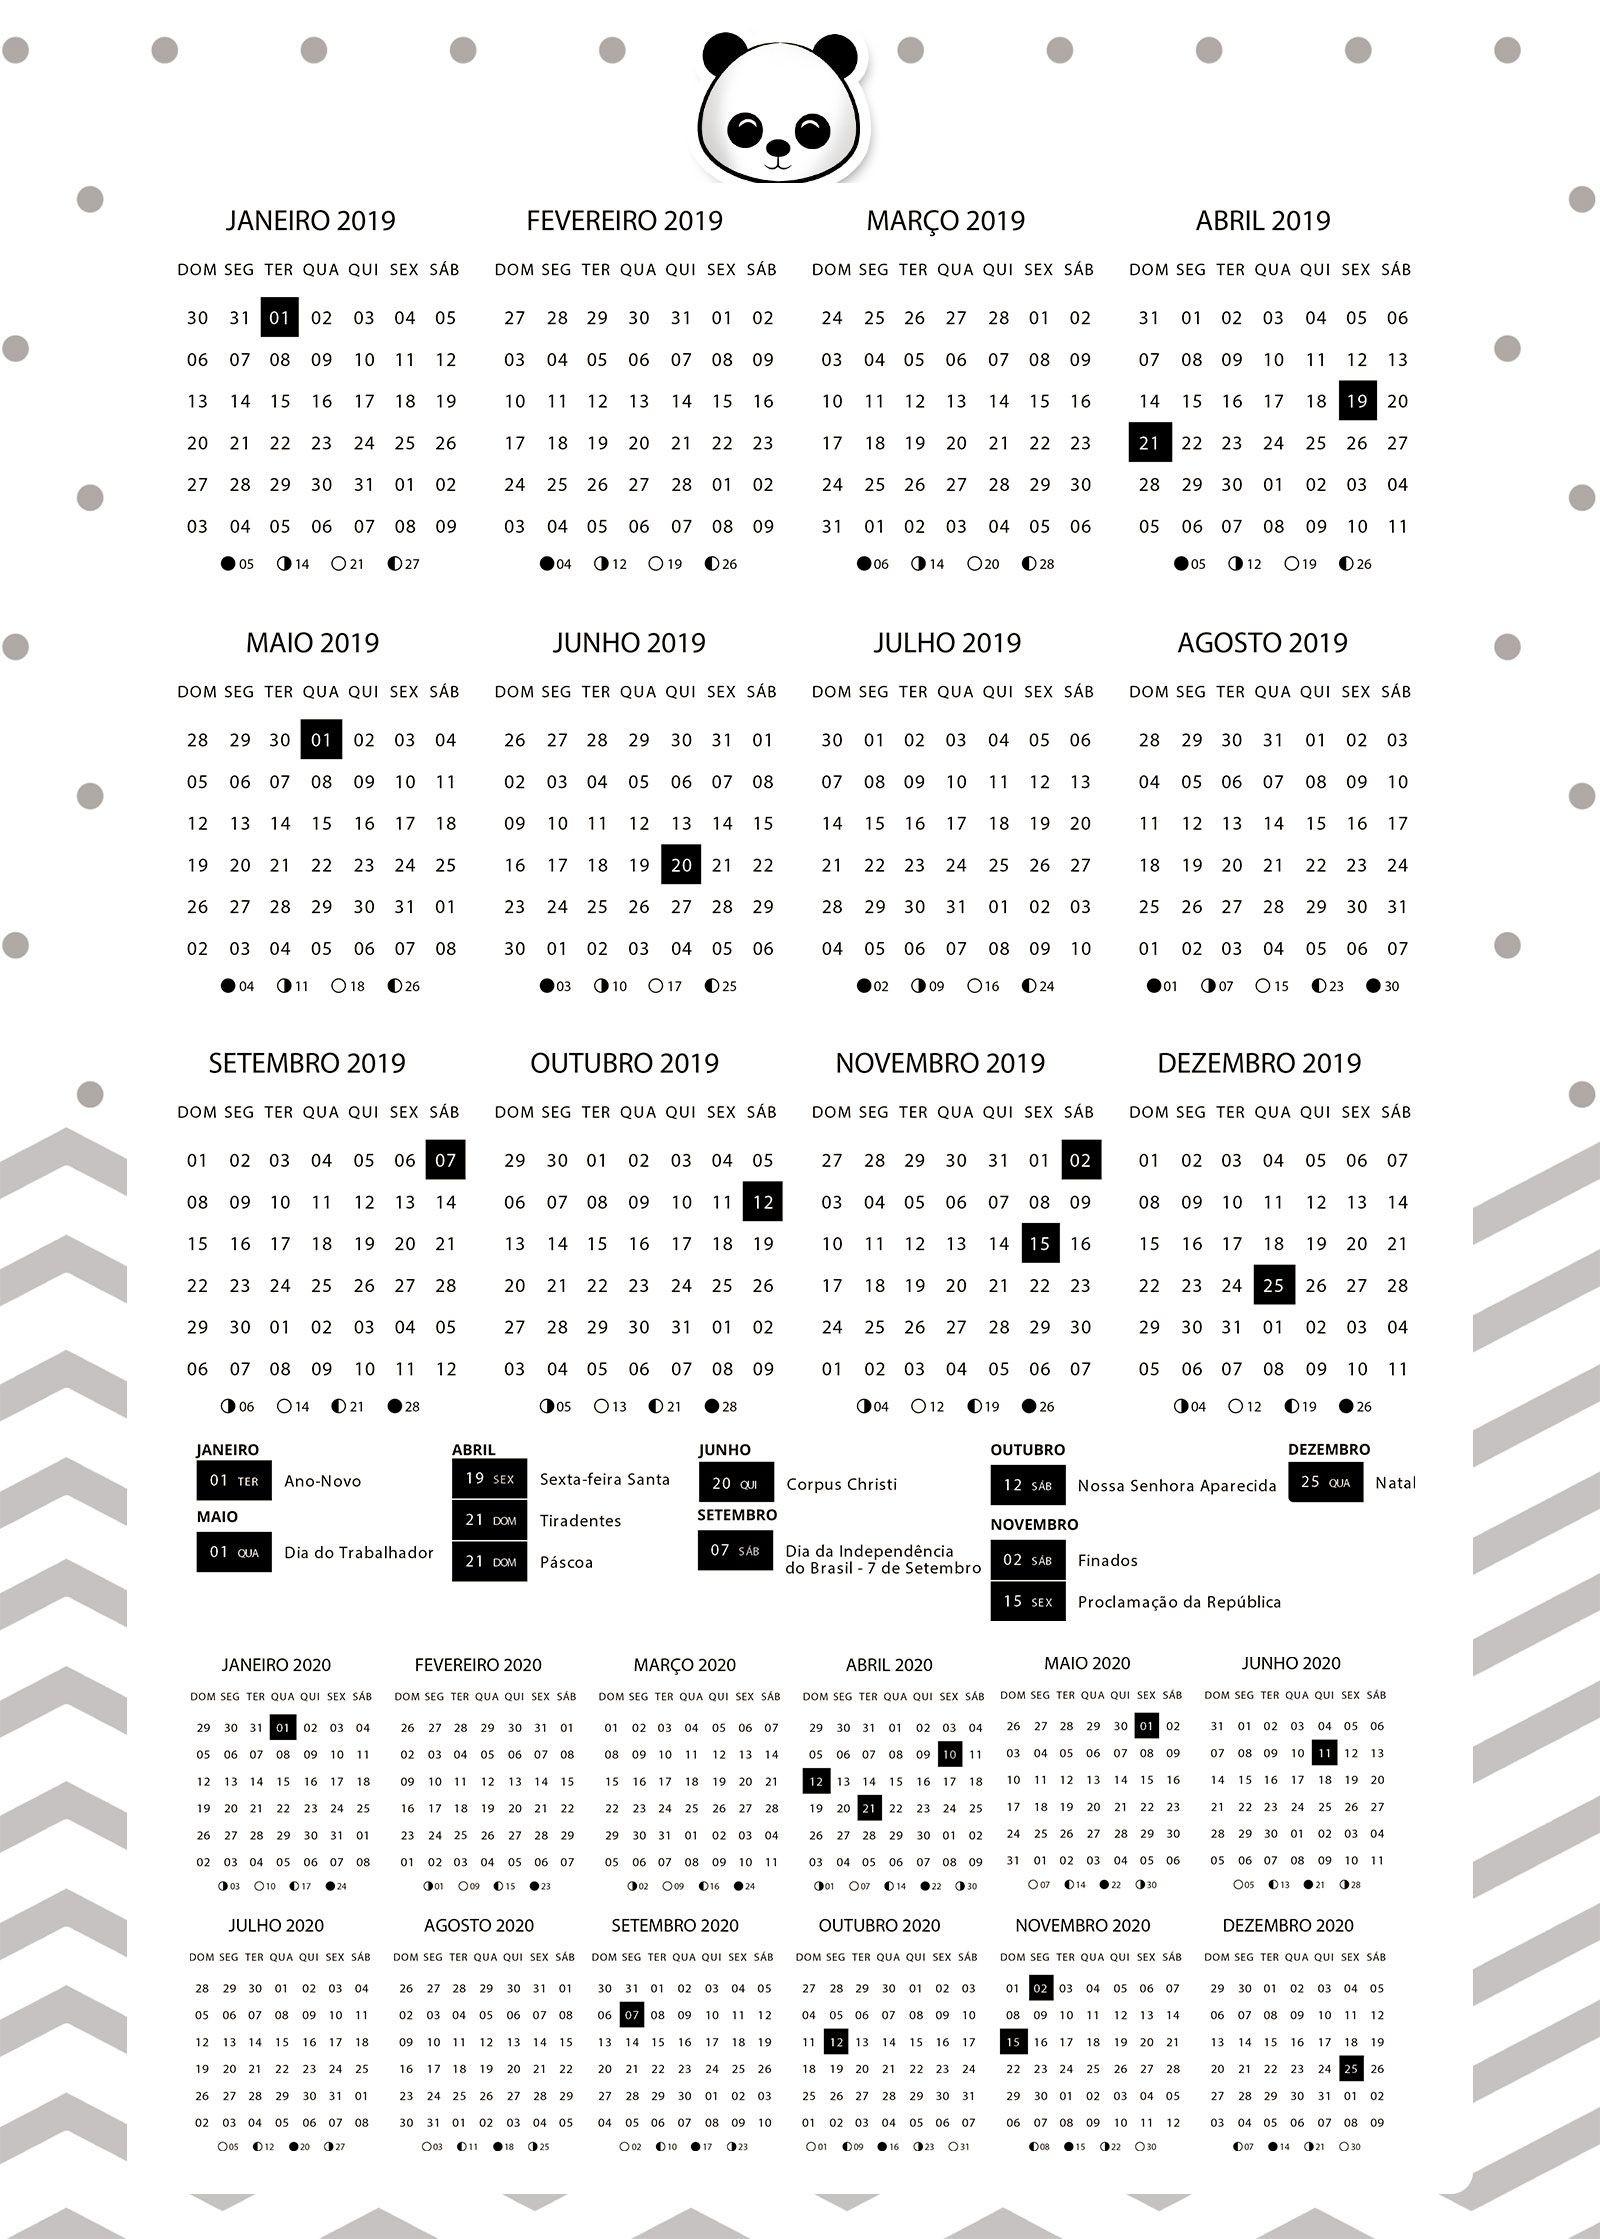 Calendario De Feriados 2019 Para Imprimir Mejores Y Más Novedosos Planner 2020 Panda Menino Calendario Kedvencek Of Calendario De Feriados 2019 Para Imprimir Más Caliente Este Es Sin Duda Calendario 2019 E Os Feriados